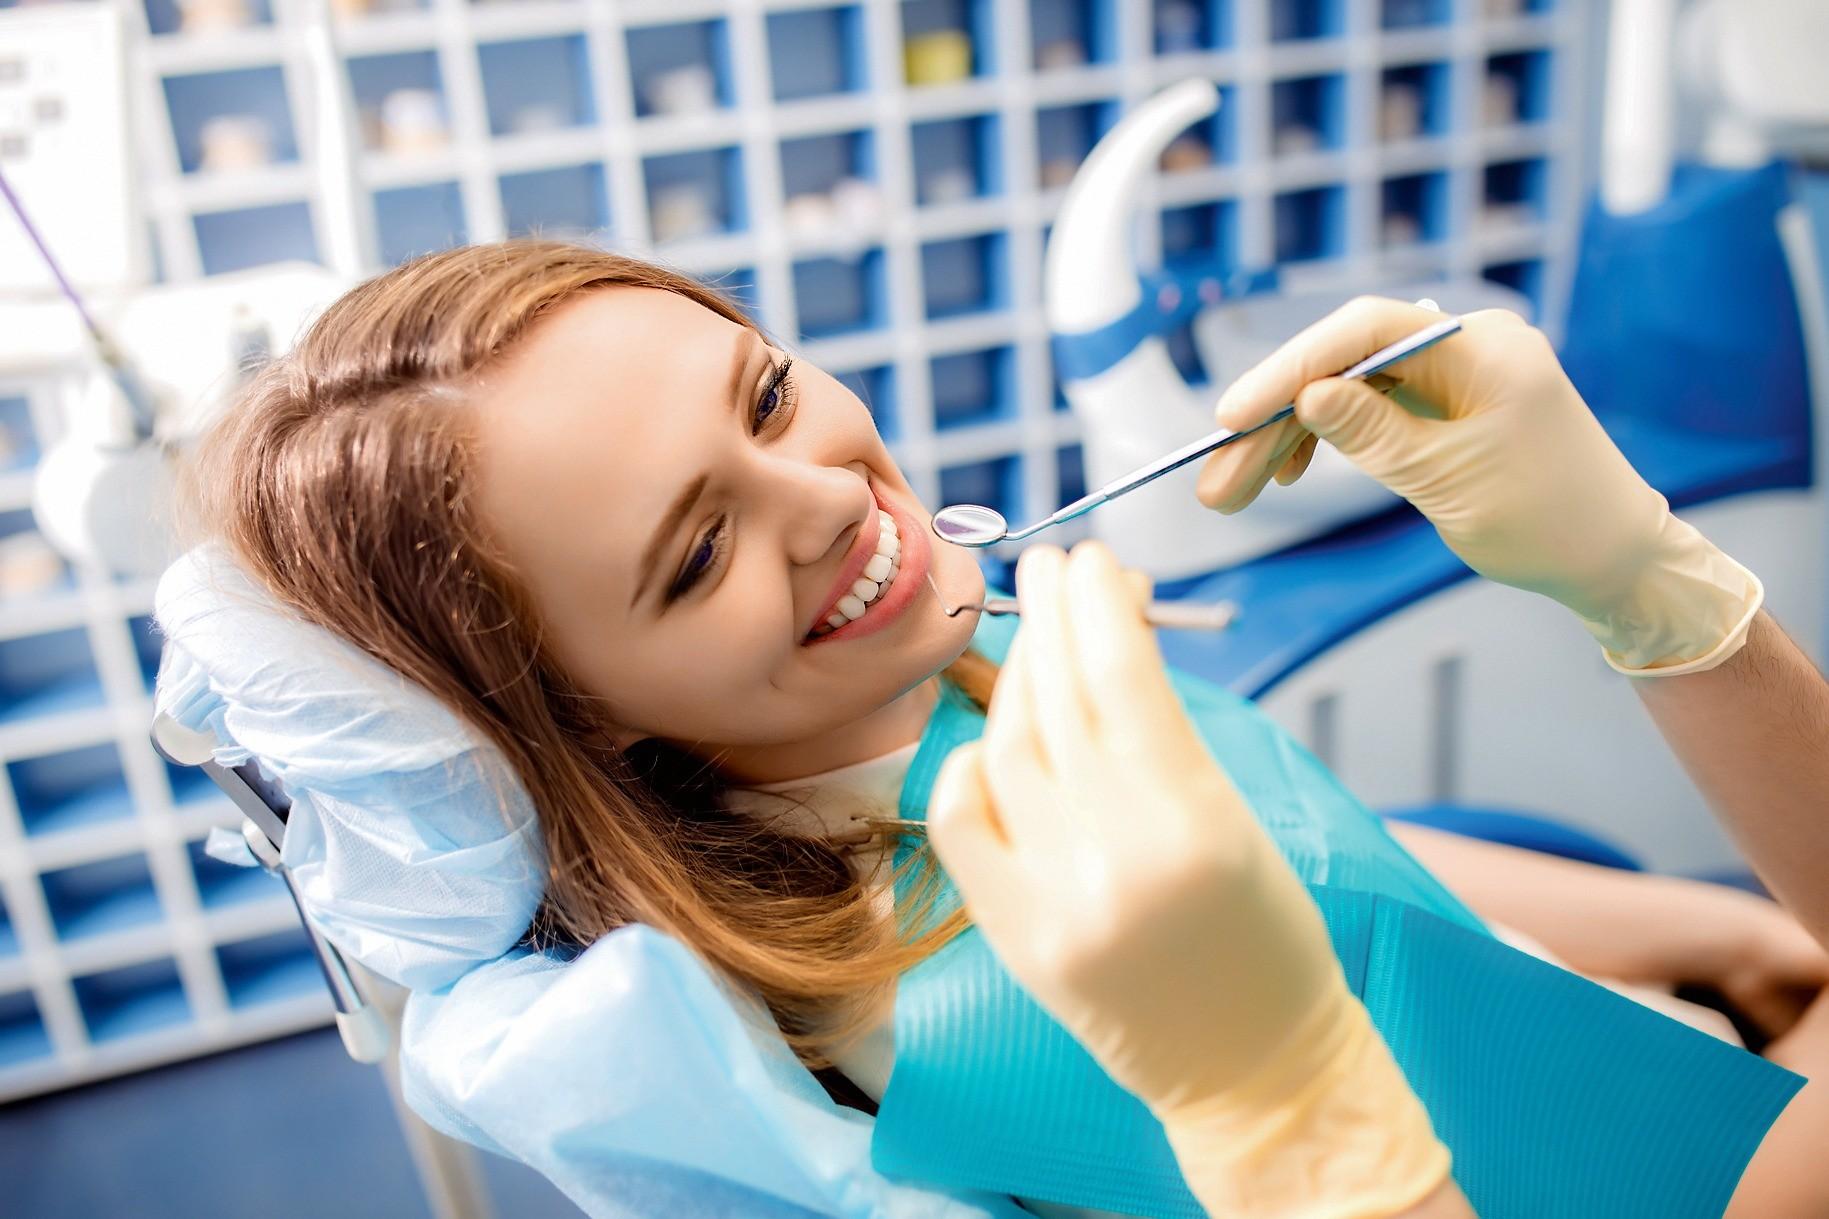 Особенности национального прикуса: кому и когда нужно выравнивать кривые зубы?